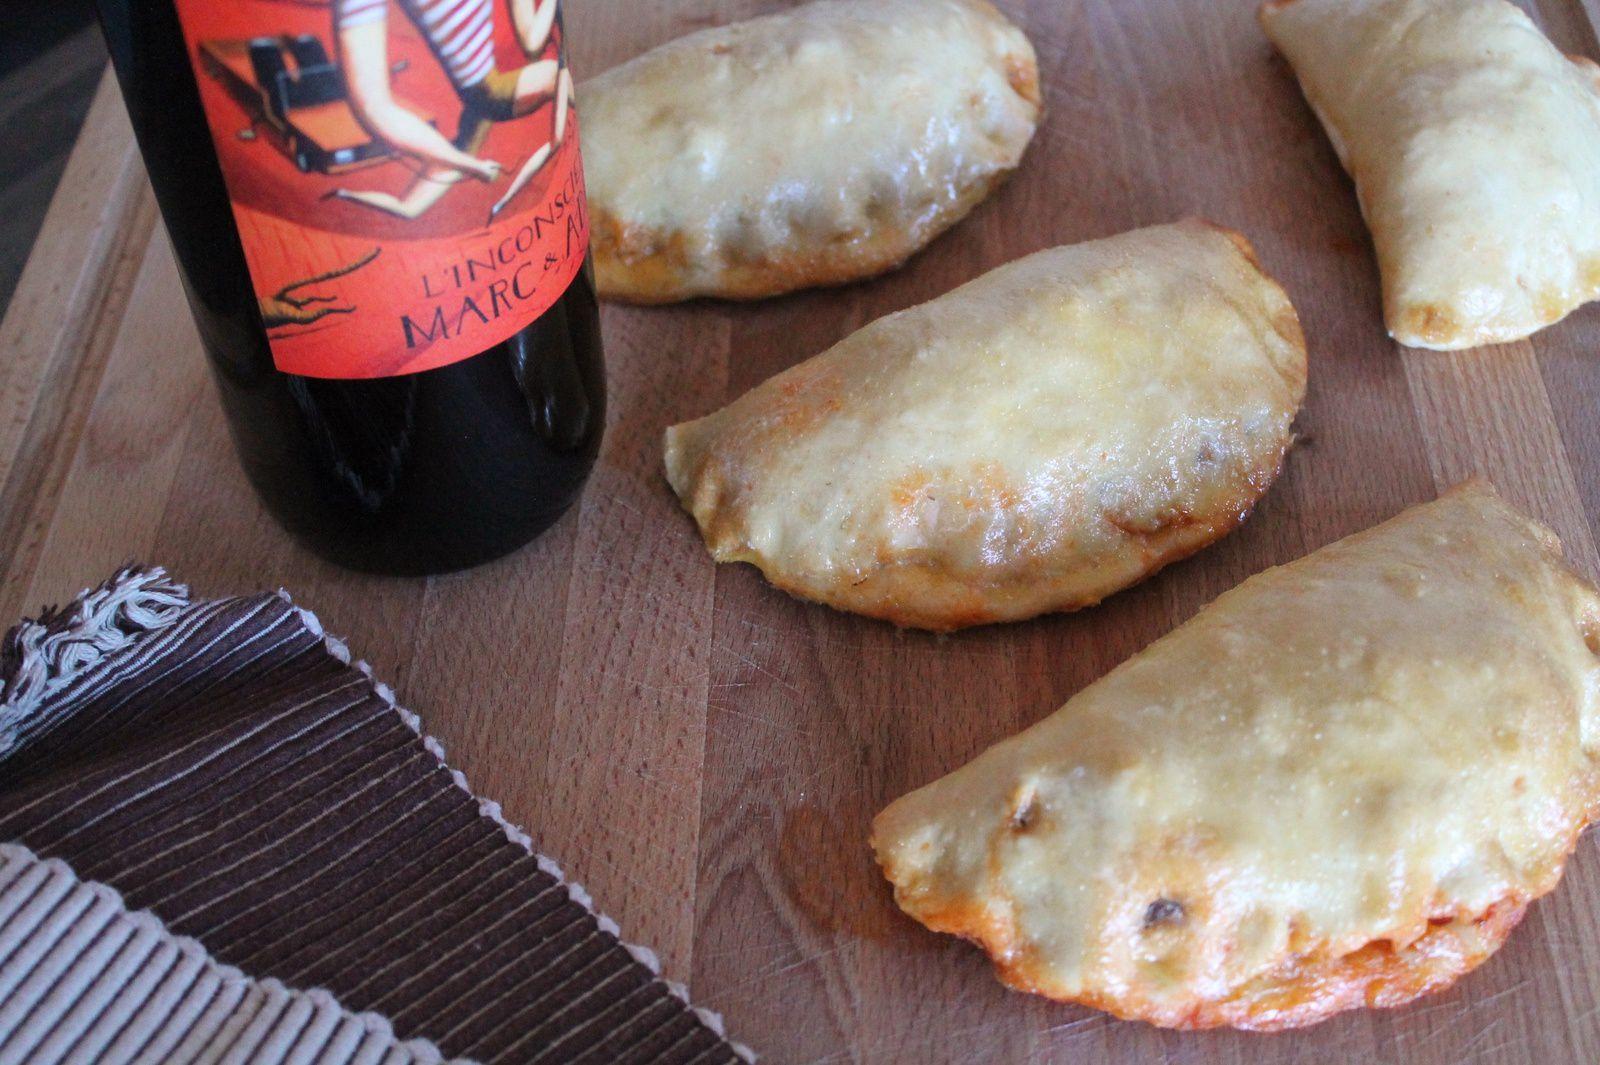 empanada chorizo i llom